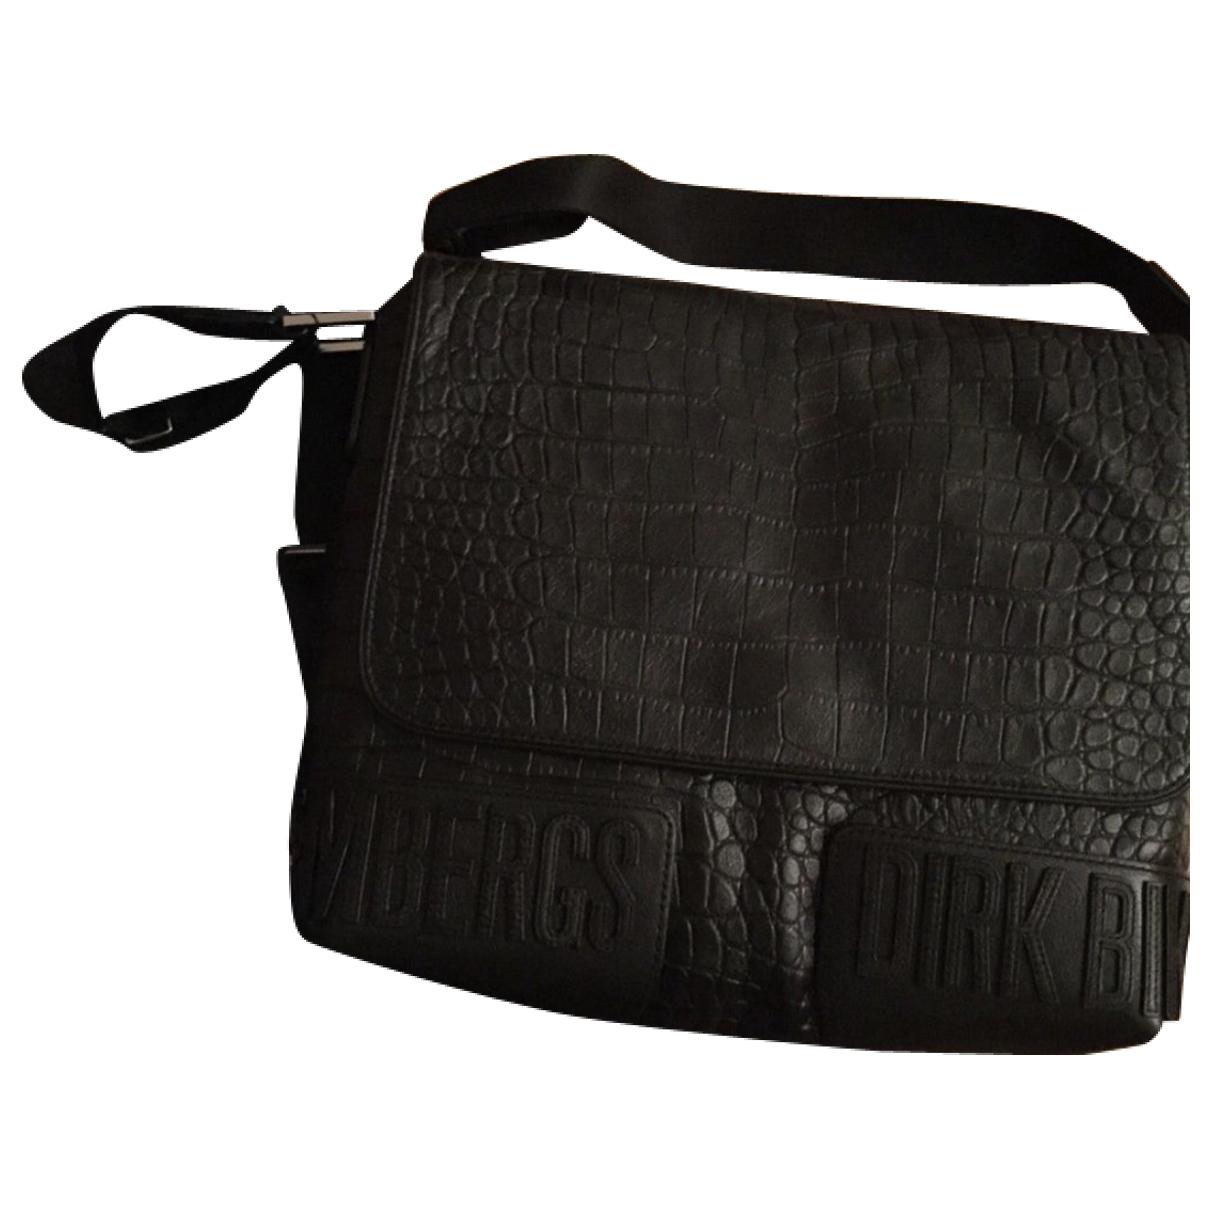 Dirk Bikkembergs \N Black Leather bag for Men \N